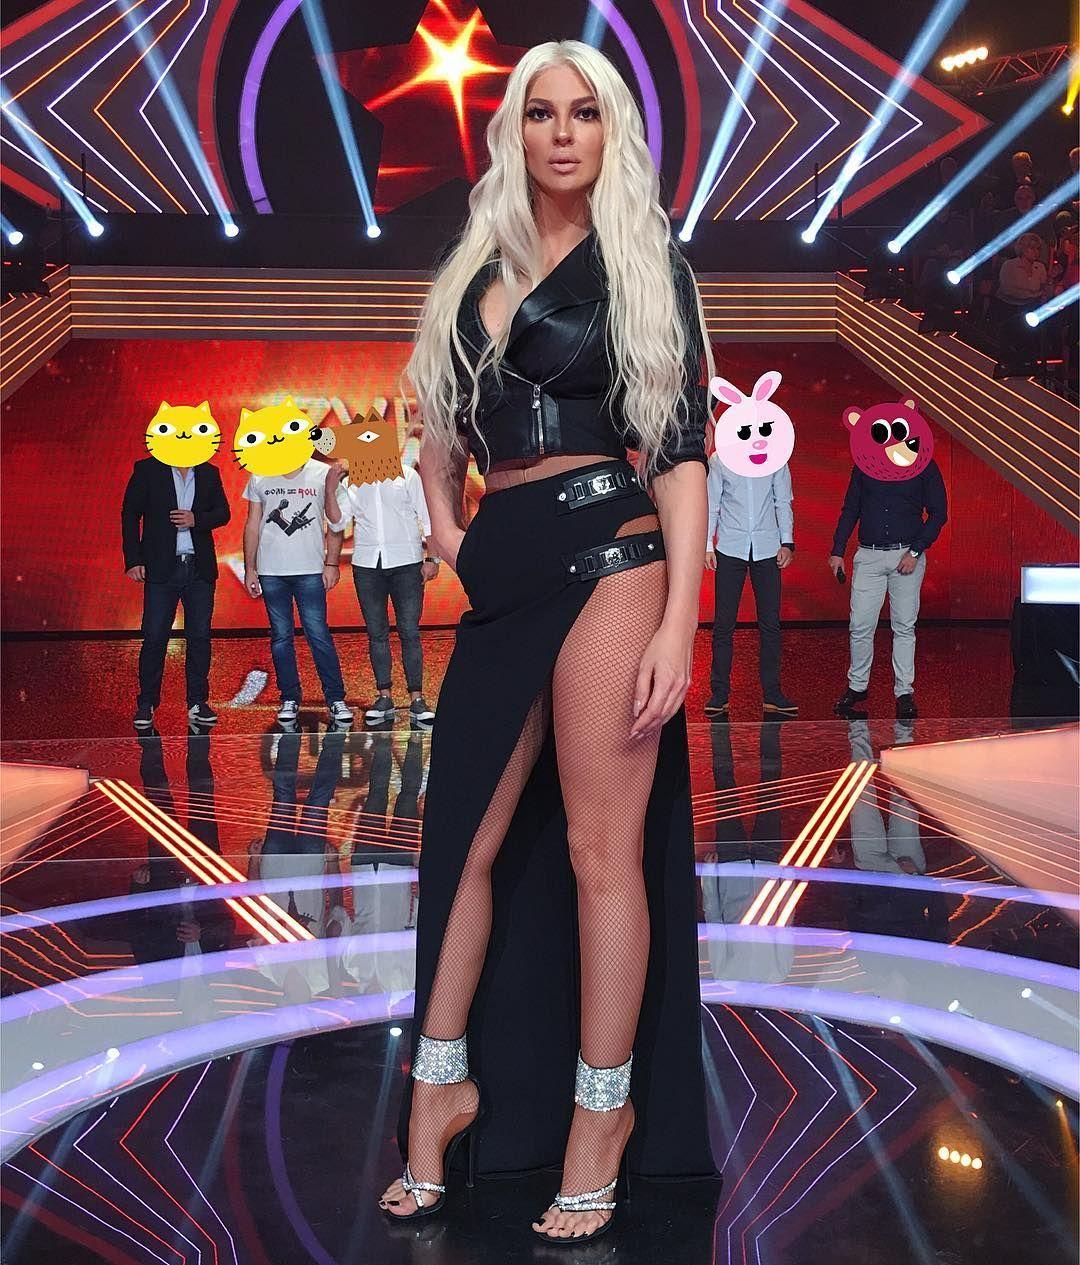 JELENA KARLEUŠA (@karleusastar) • Instagram photos and videos | Jelena  karleuša, Fashion, Celebrity style